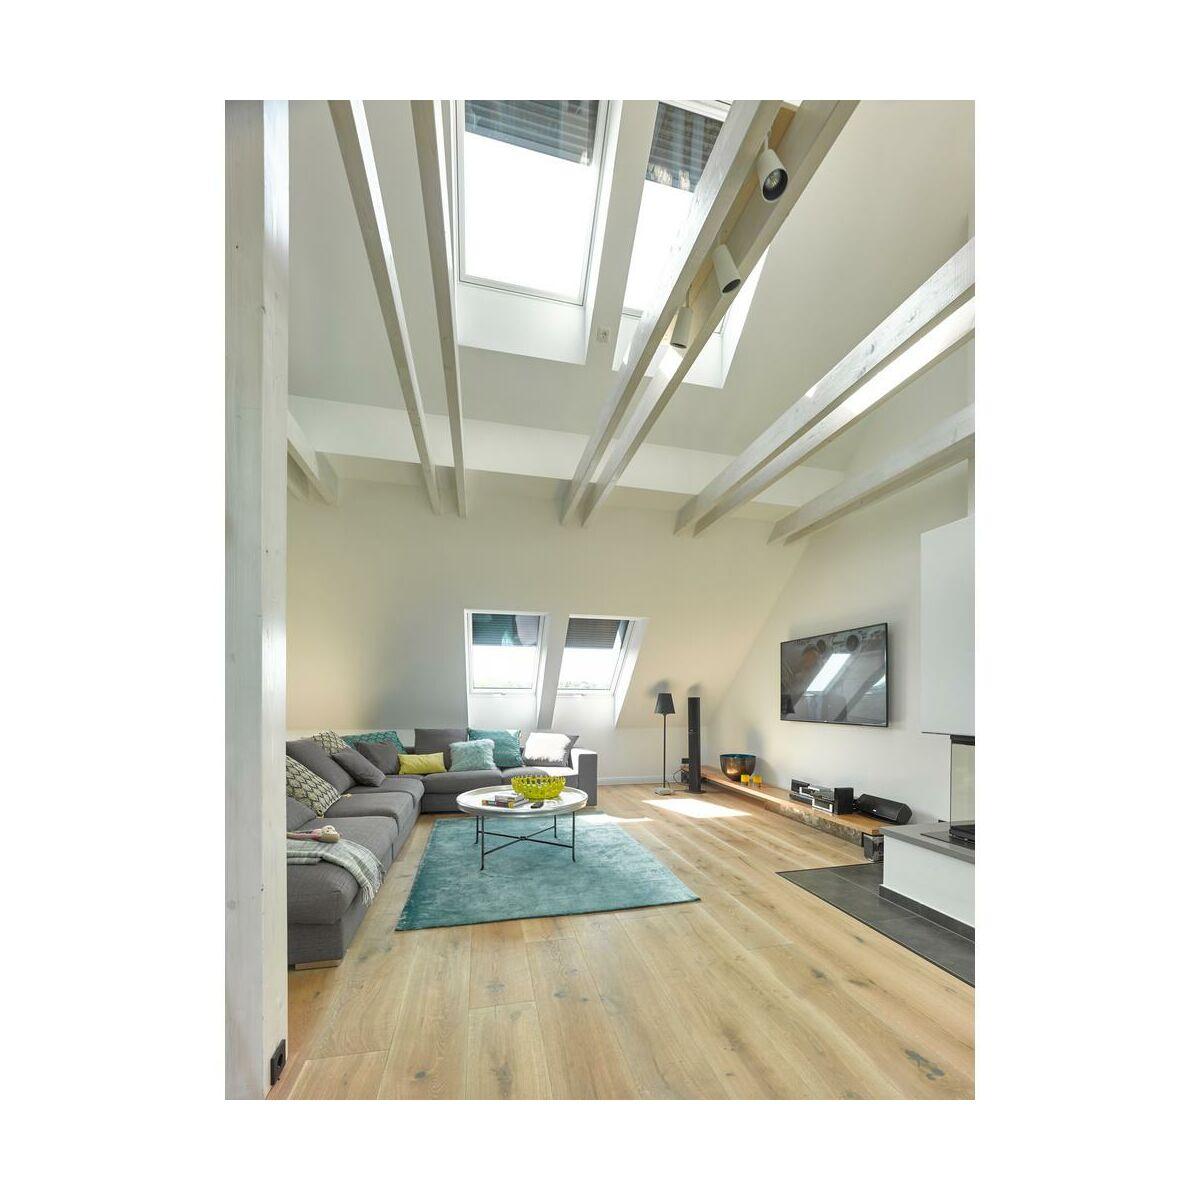 okno dachowe gpu pk08 0066 140x94 cm velux okna dachowe w atrakcyjnej cenie w sklepach leroy. Black Bedroom Furniture Sets. Home Design Ideas